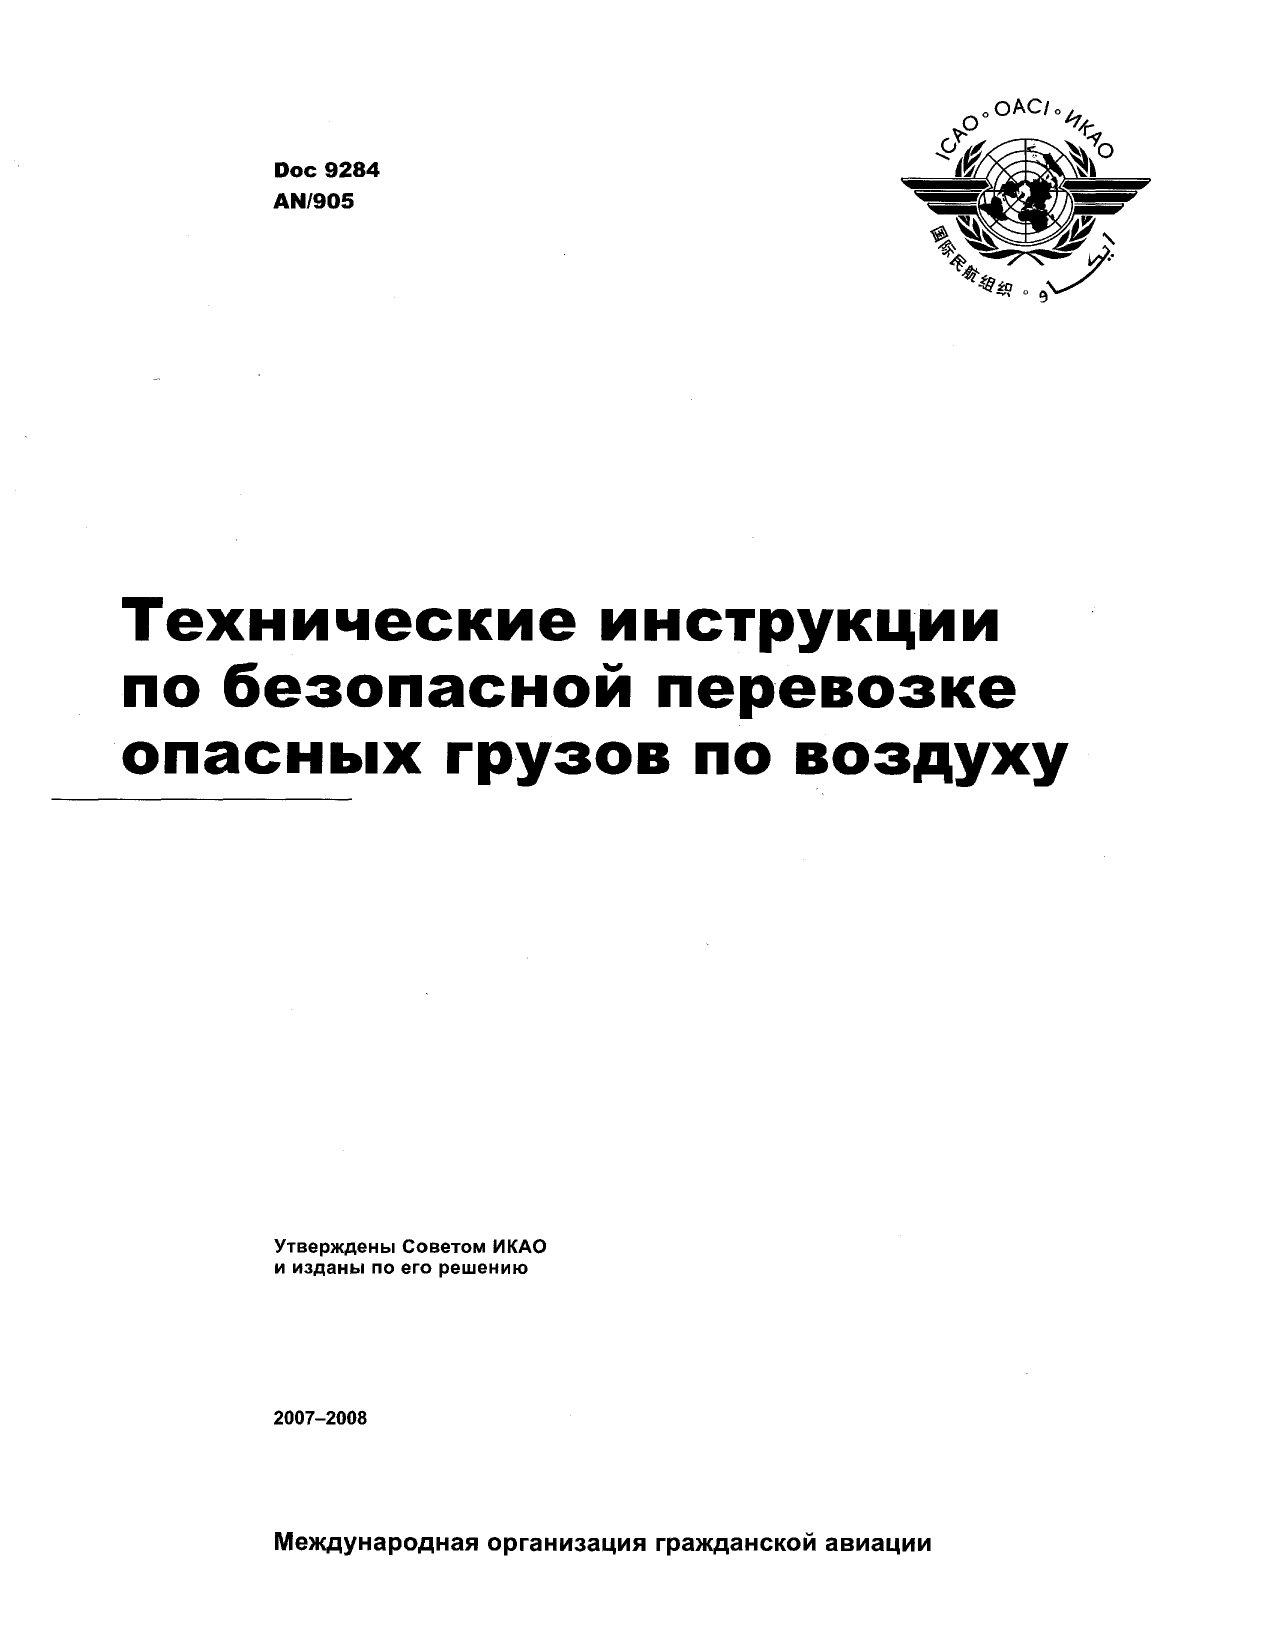 Обложка книги ICAO Doc 9284 Технические инструкции по безопасной перевозке опасных грузов по воздуху (ИКАО)